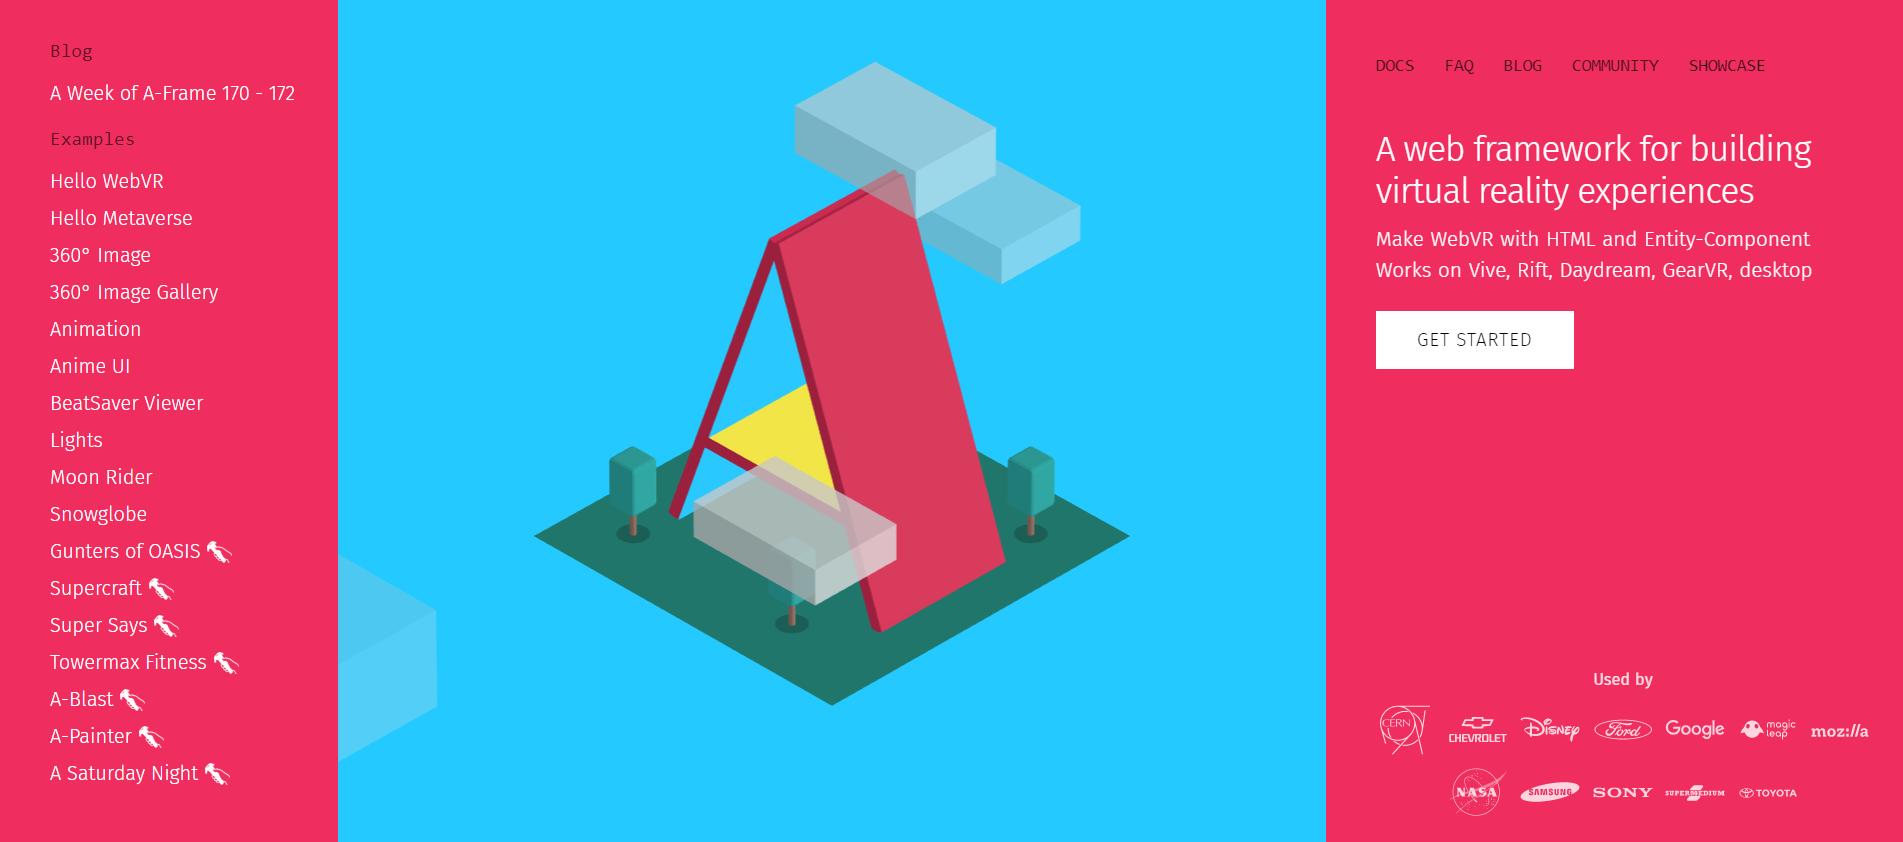 A Frame – Make WebVR